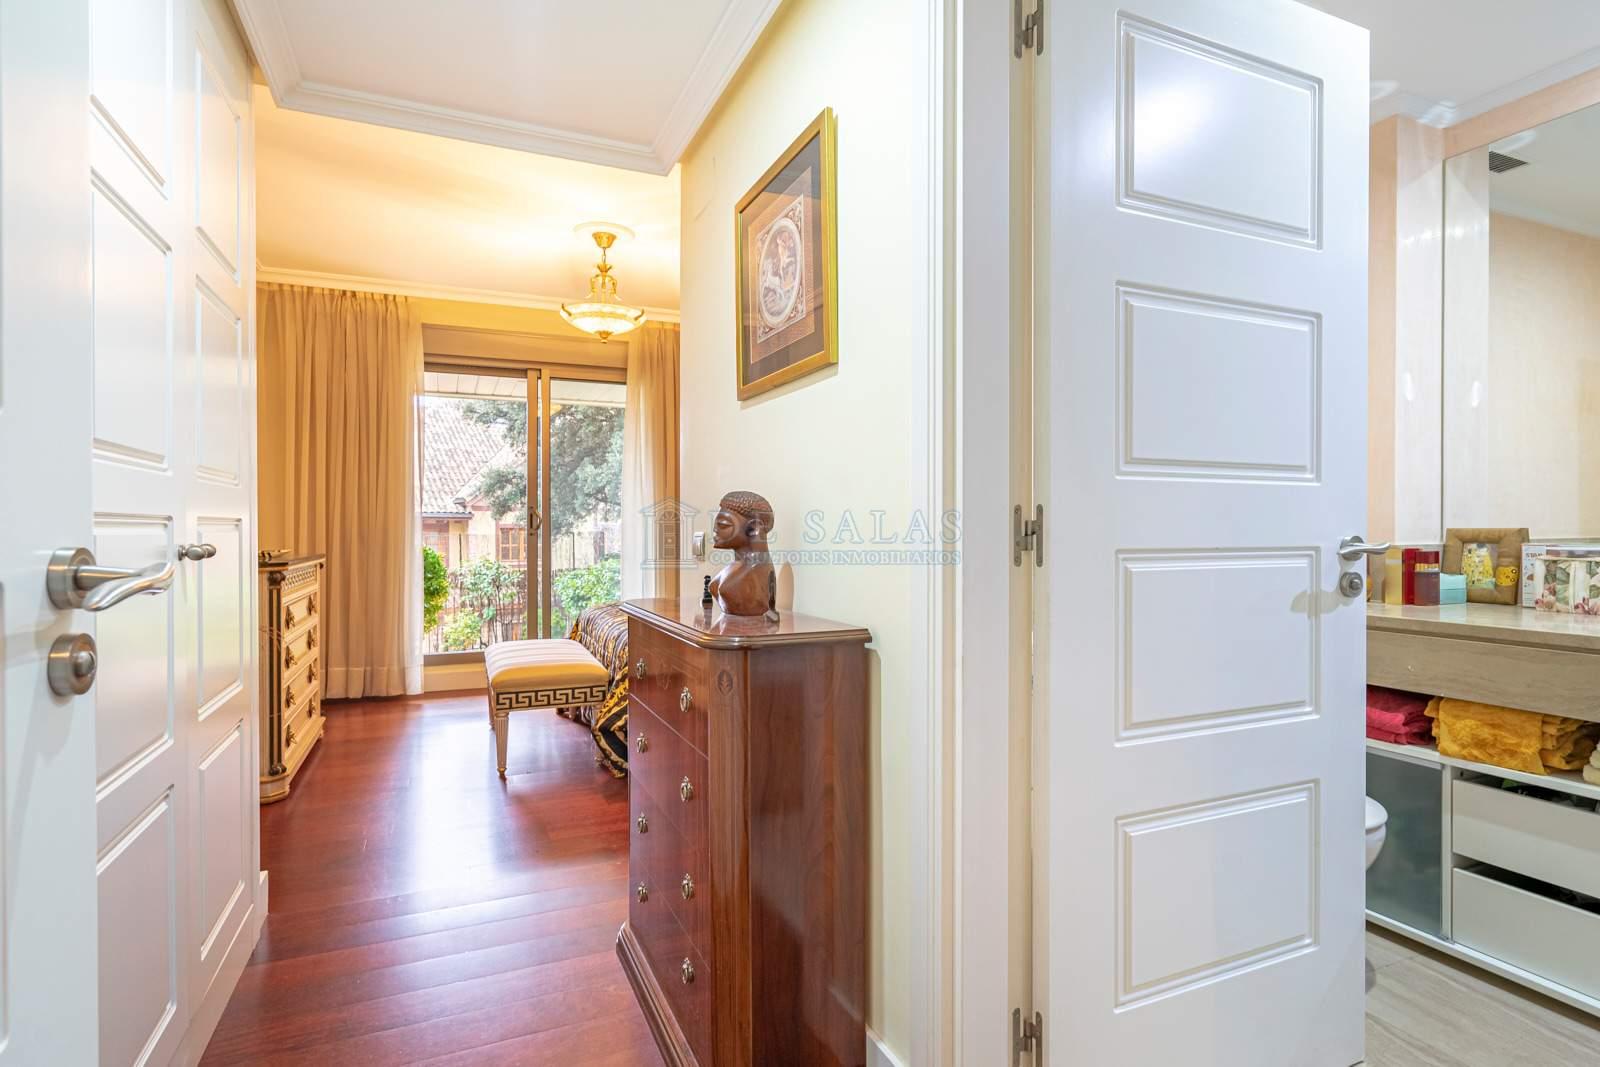 Dormitorio-20 Flat El Encinar de los Reyes